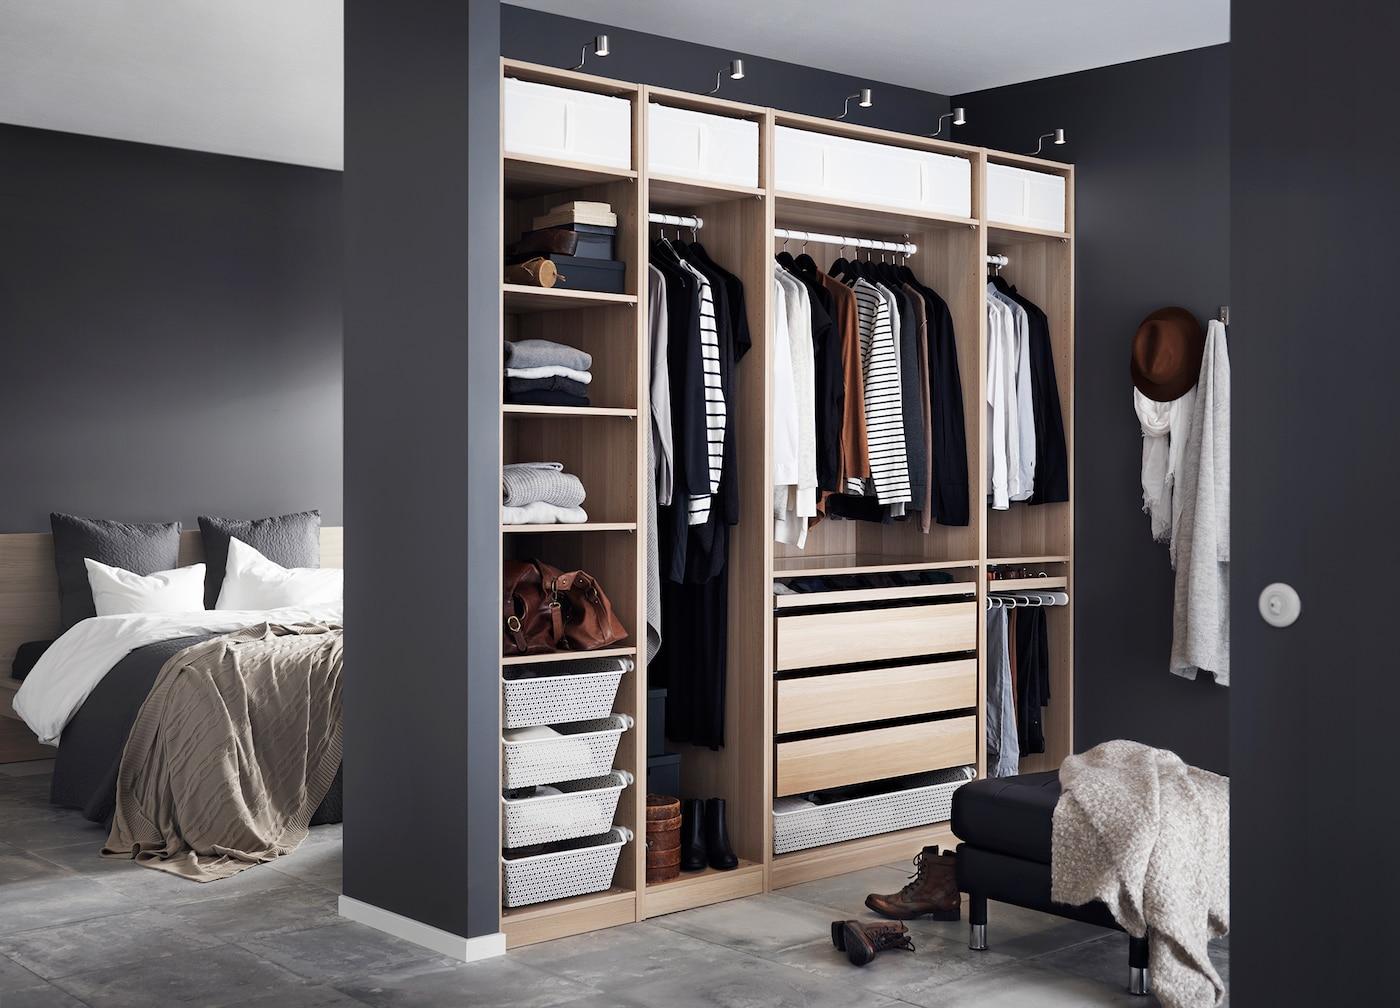 Full Size of Raumteiler Ikea Schrank Kommode Acrea Von Hlsta Bild 9 Küche Kosten Sofa Mit Schlaffunktion Kaufen Modulküche Betten Bei Miniküche Regal 160x200 Wohnzimmer Raumteiler Ikea